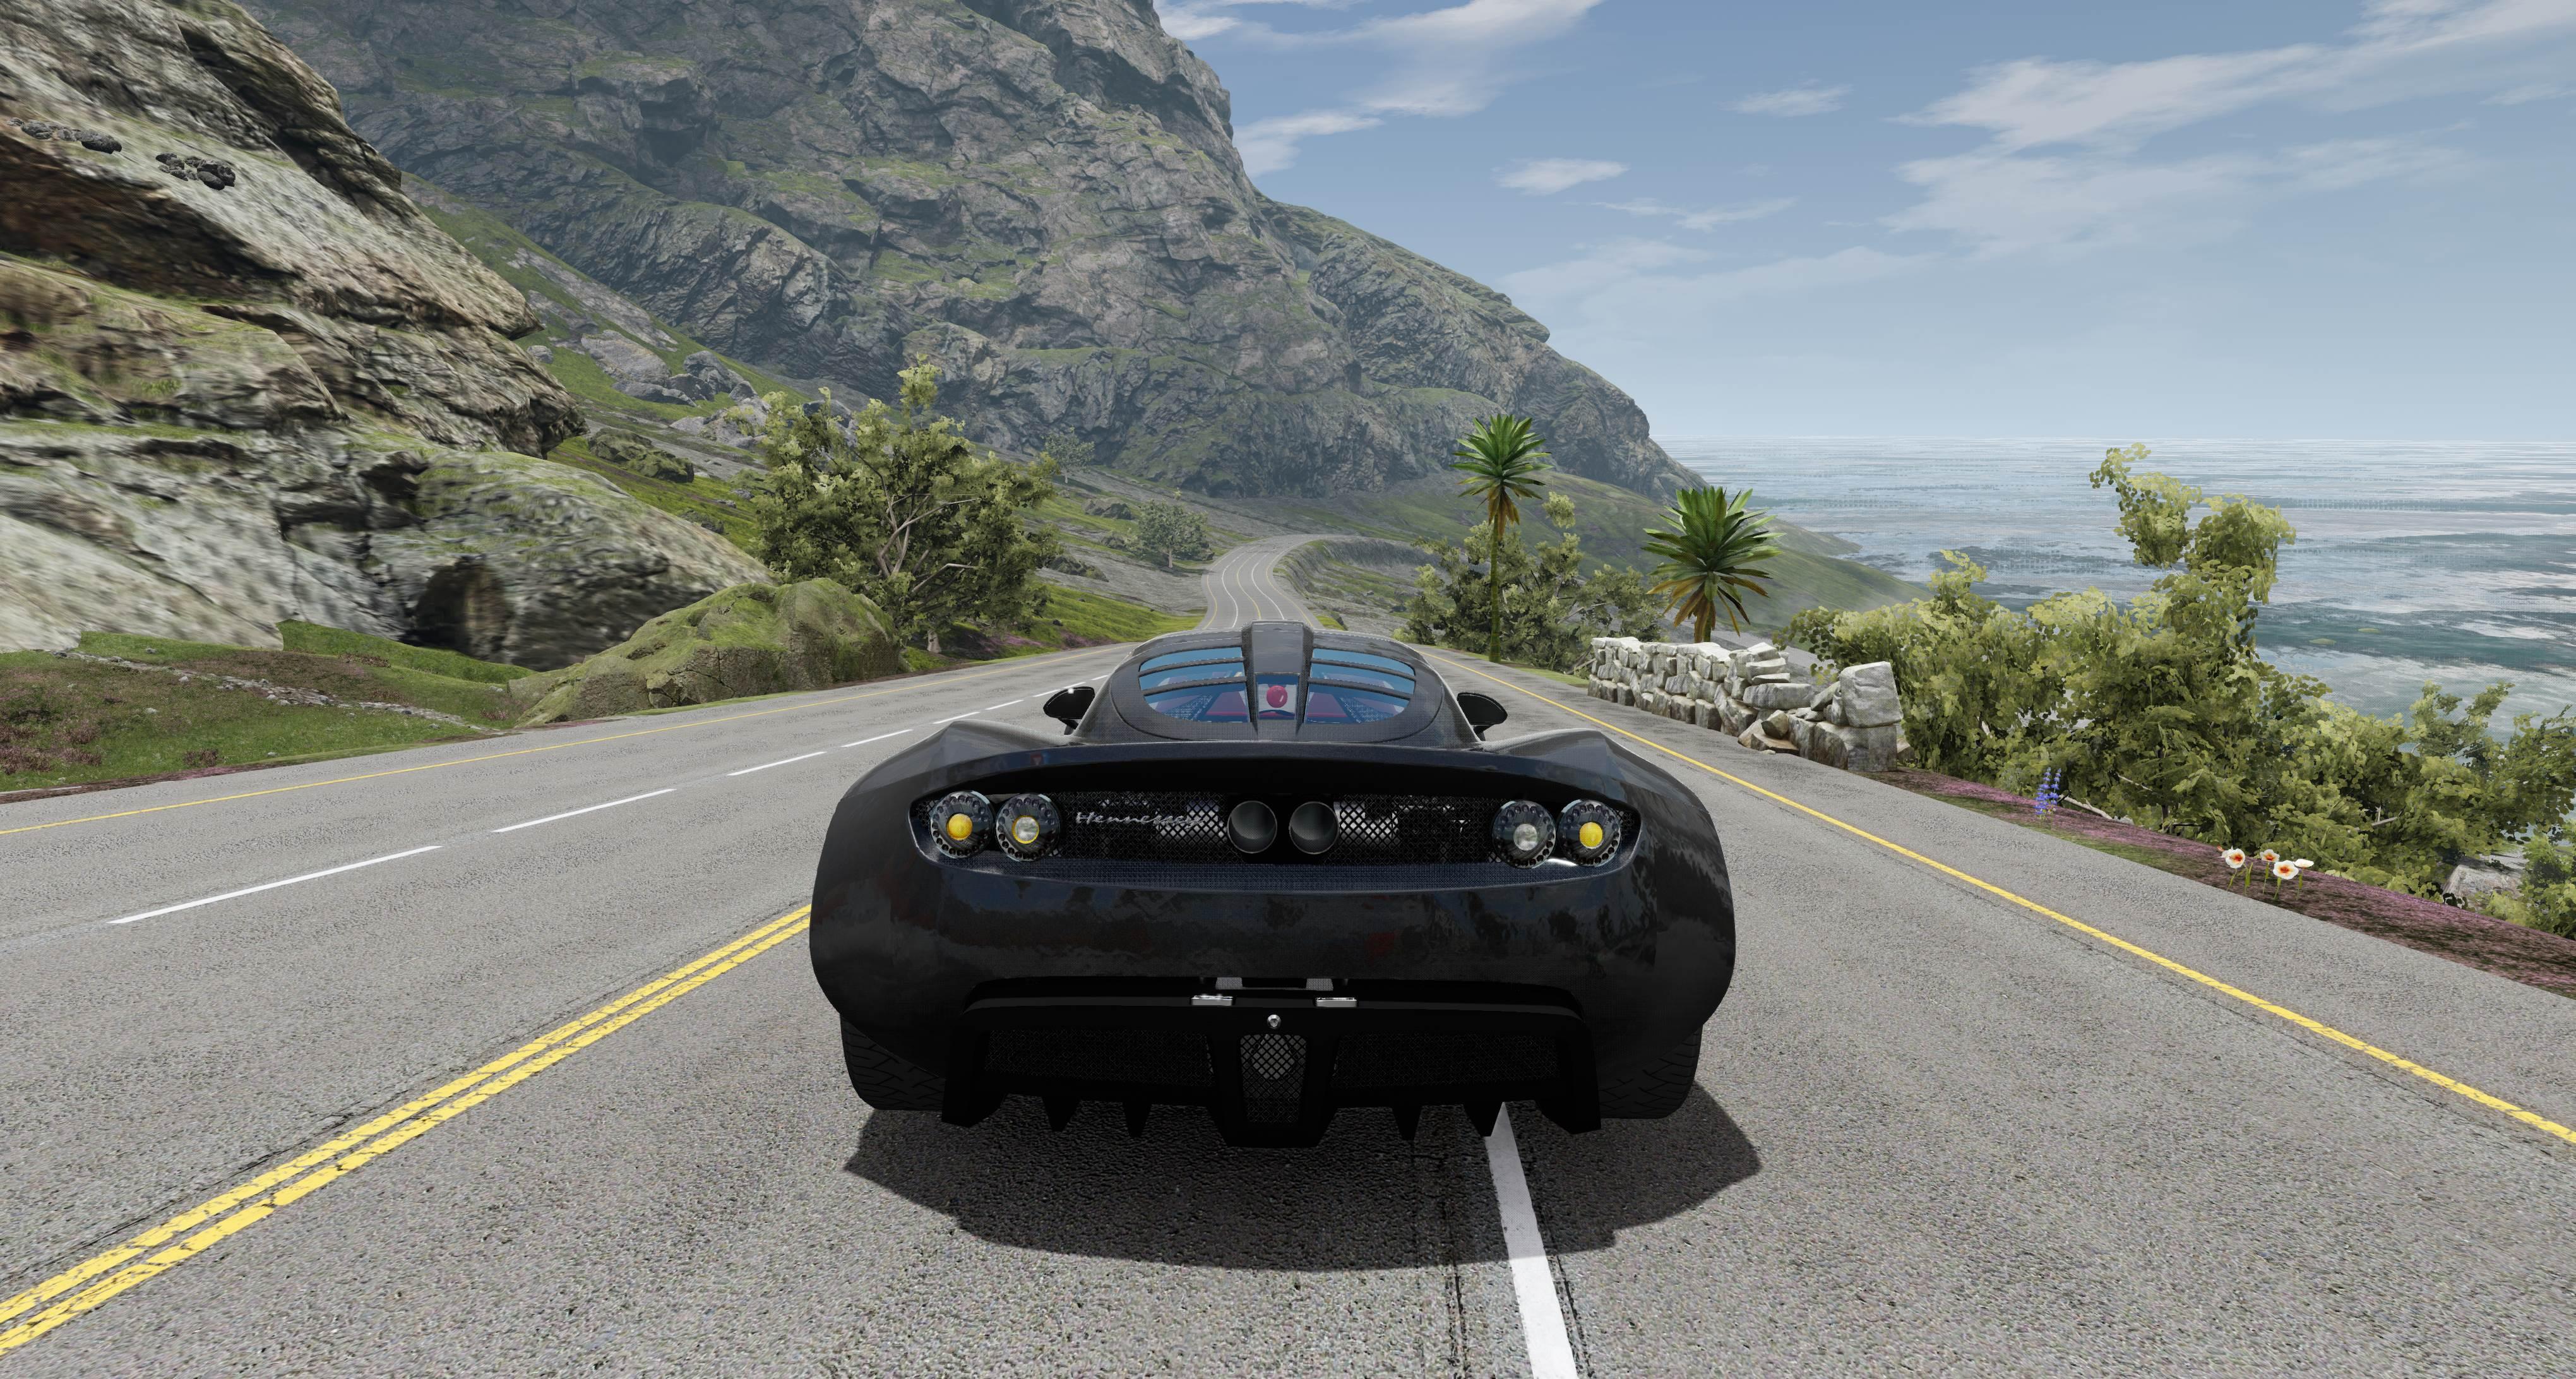 Автомобиль - AQP City 4K